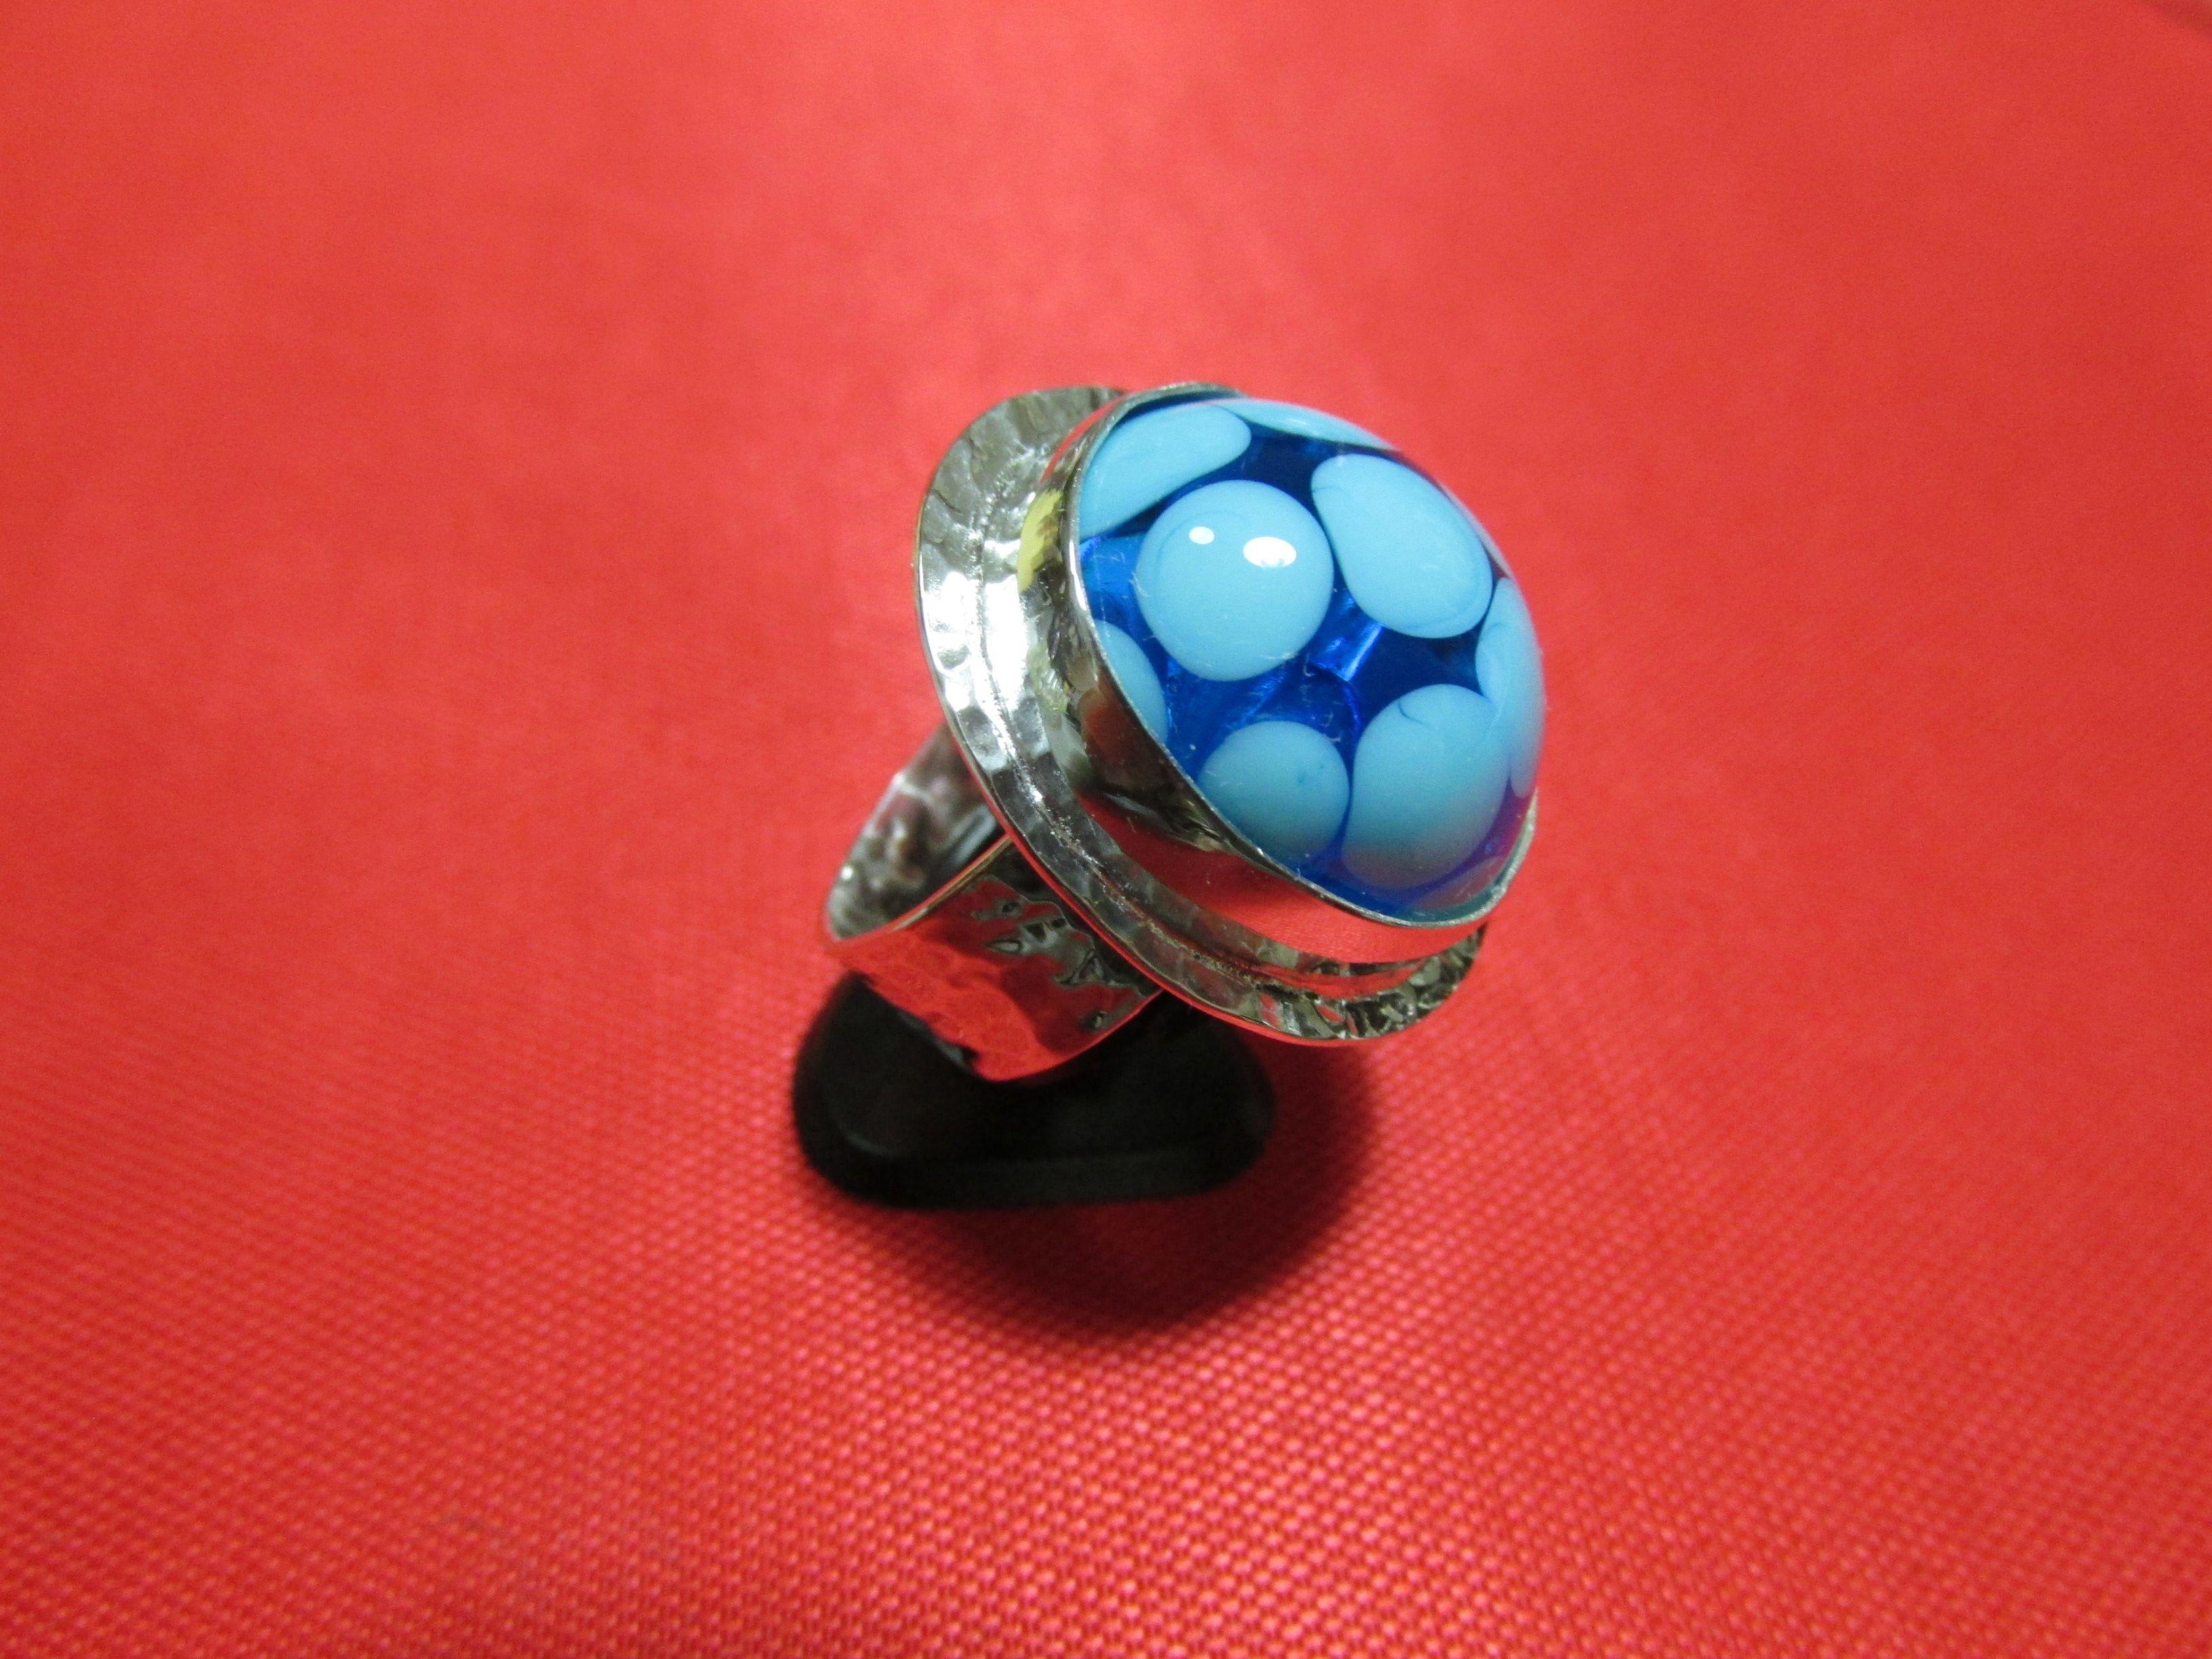 Gümüş yüzük - Silver ring;         Taşı cam boncuk tekniği ile Filiz PALABIYIK üretimi - Stone is from Filiz PALABIYIK with glass beads technique.